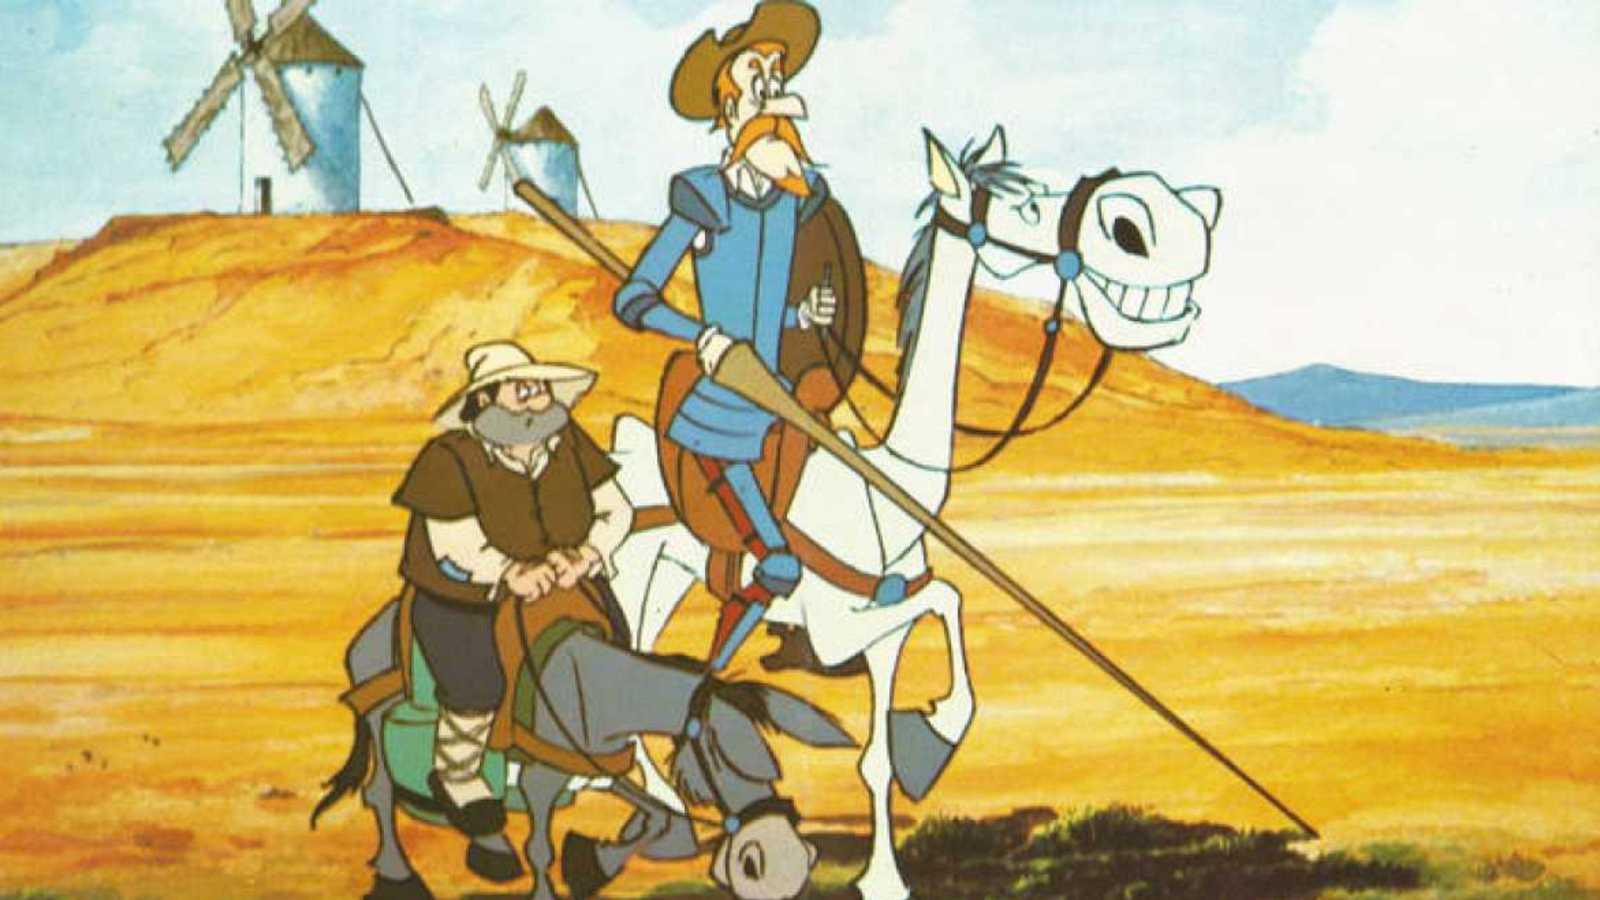 El gallo que no cesa - La larga y provechosa trayectoria del dibujante Cruz Delgado - Escuchar ahora